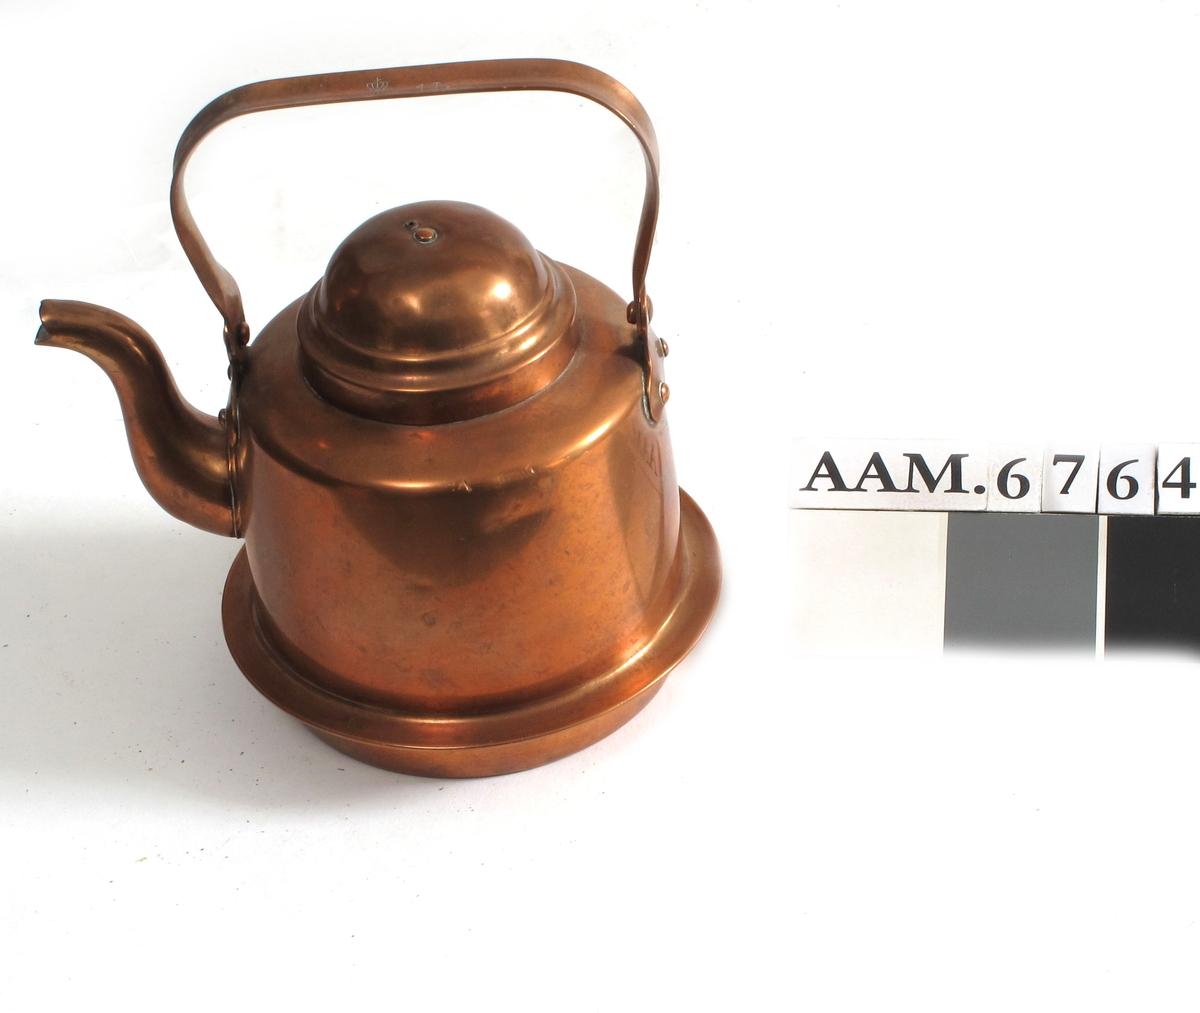 """Kaffekjele, komfyrkjele,  """"Enmannskjele"""" med en horisontal karm nede for plassering i  komfyr.  Rette sider, hvelvet lokk med profil langs kanten, lokkgrep  mangler.   Korpus trykt  i to  deler. Tuten er presset i to halve deler. Ørene er hugget i  eksenterpresse.   På det konkavt buede hankebånd fgl. tekst under en krone:   Eskilstuna 1607 1 L.  Tilstand jan. 1967: litt irret, ellers bra."""